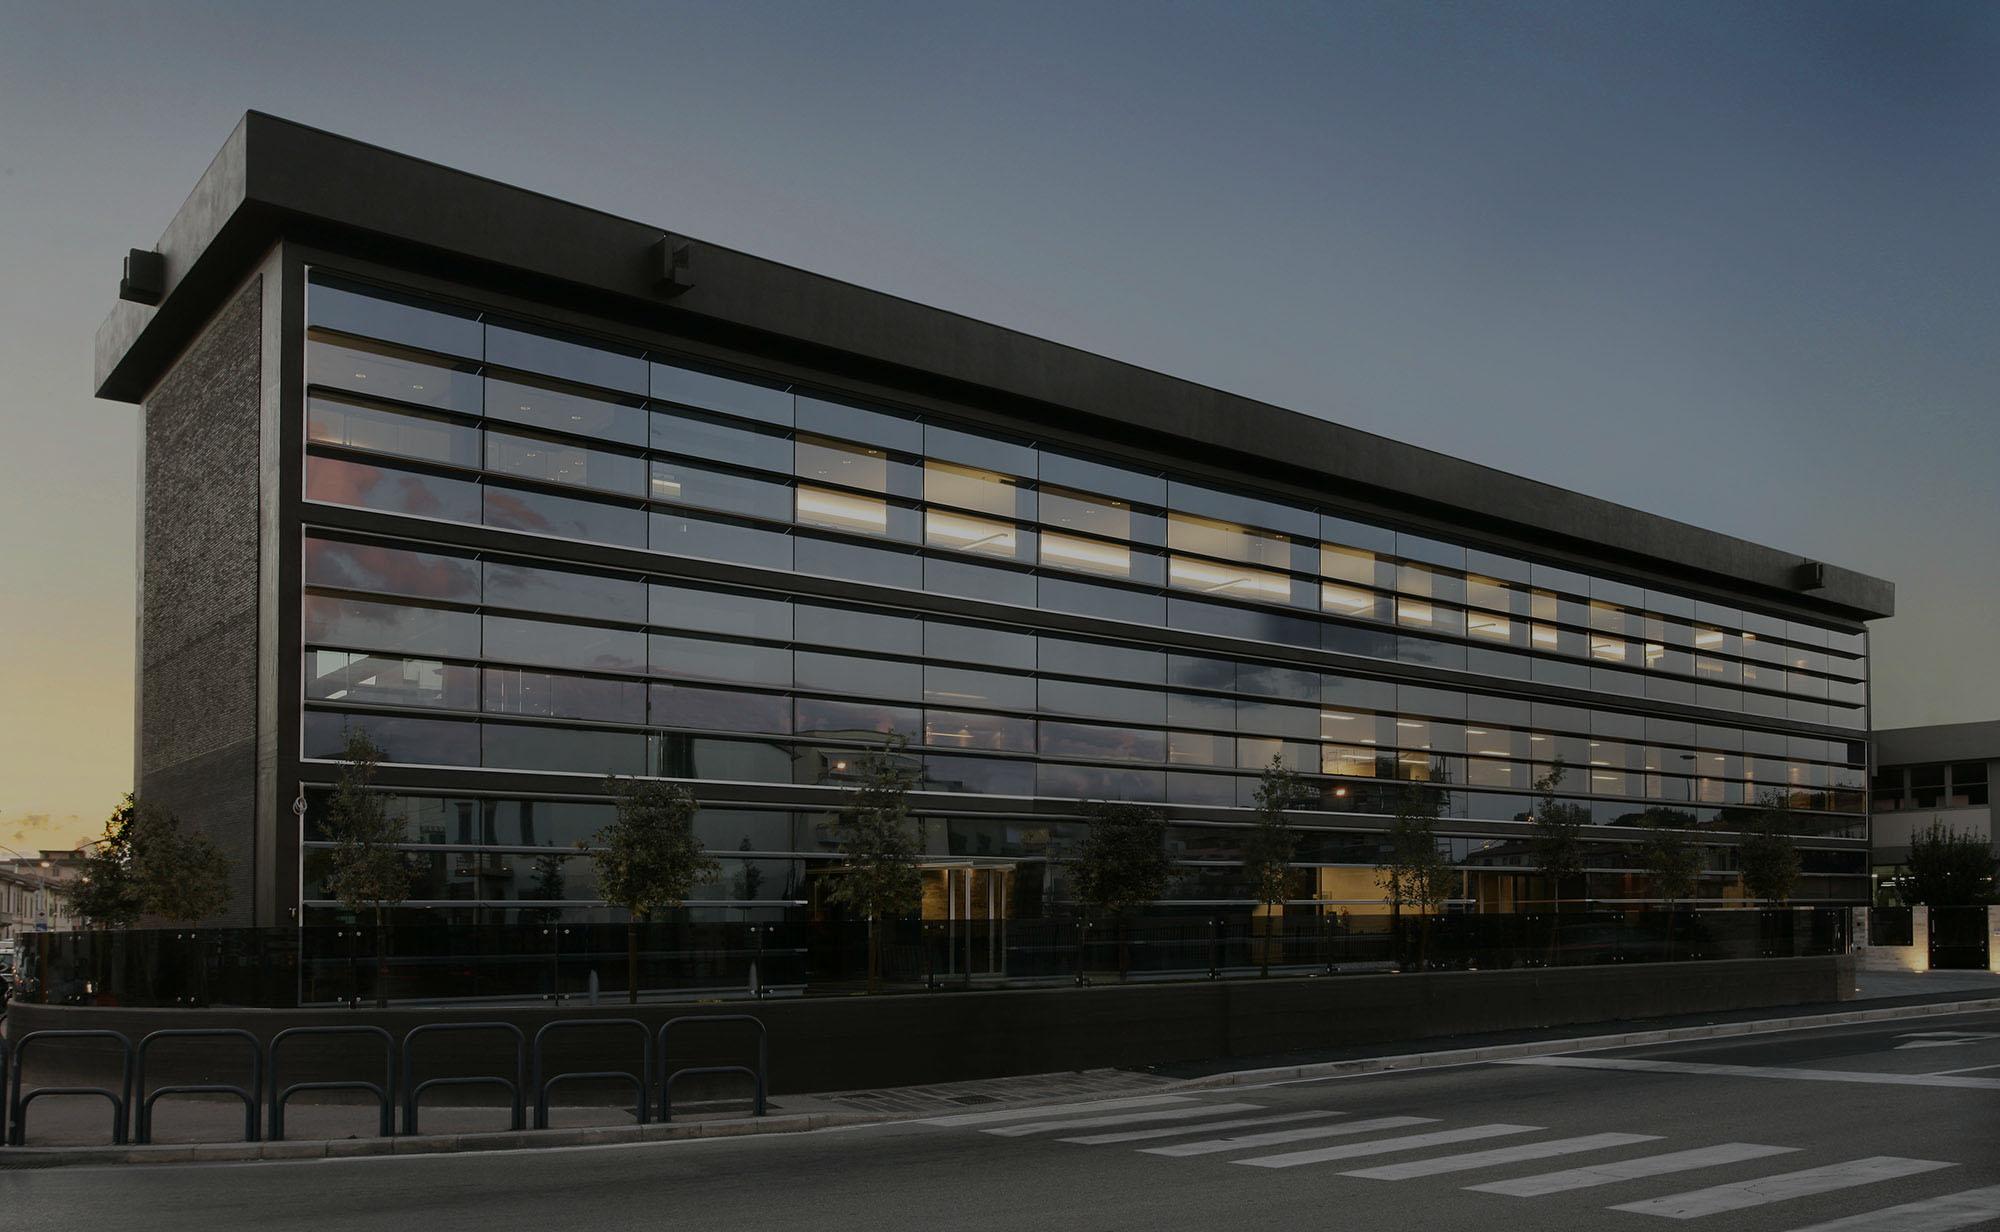 Il nostro lavoro abbraccia architettura, ingegneria, sostenibilità e design.